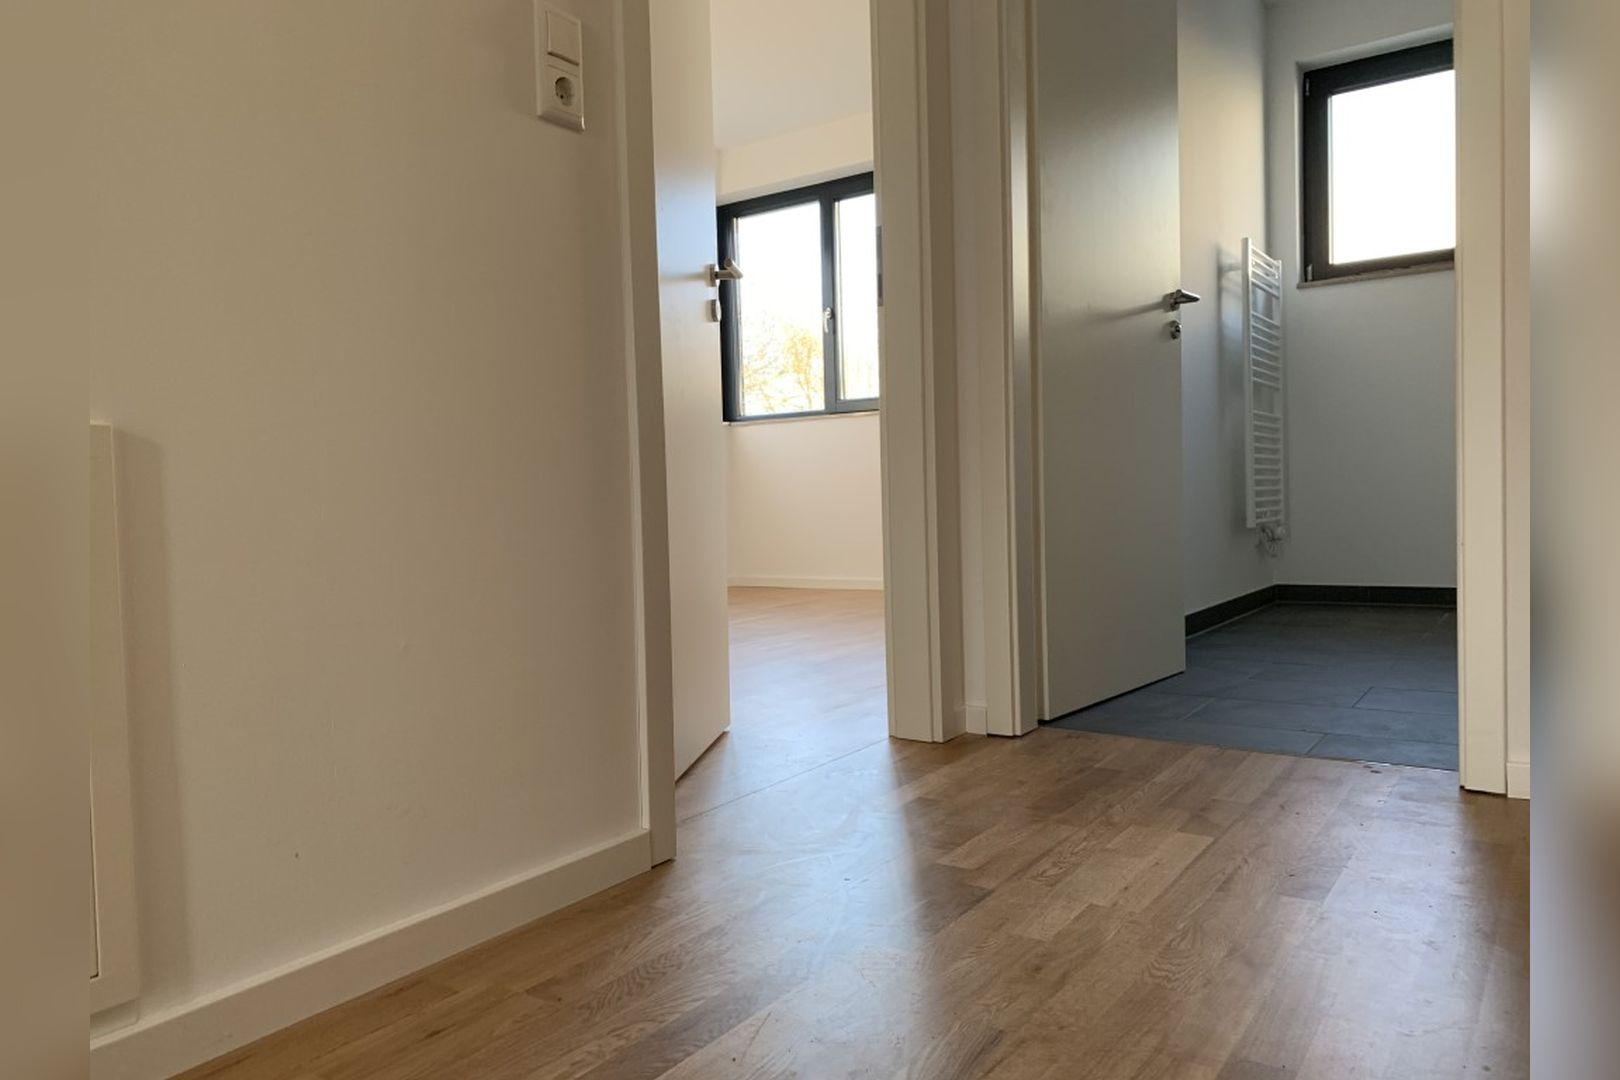 Immobilie Nr.0224 - Reihenendhaus mit kl. Garten u. 2 TG-Plätzen - Bild 9.jpg